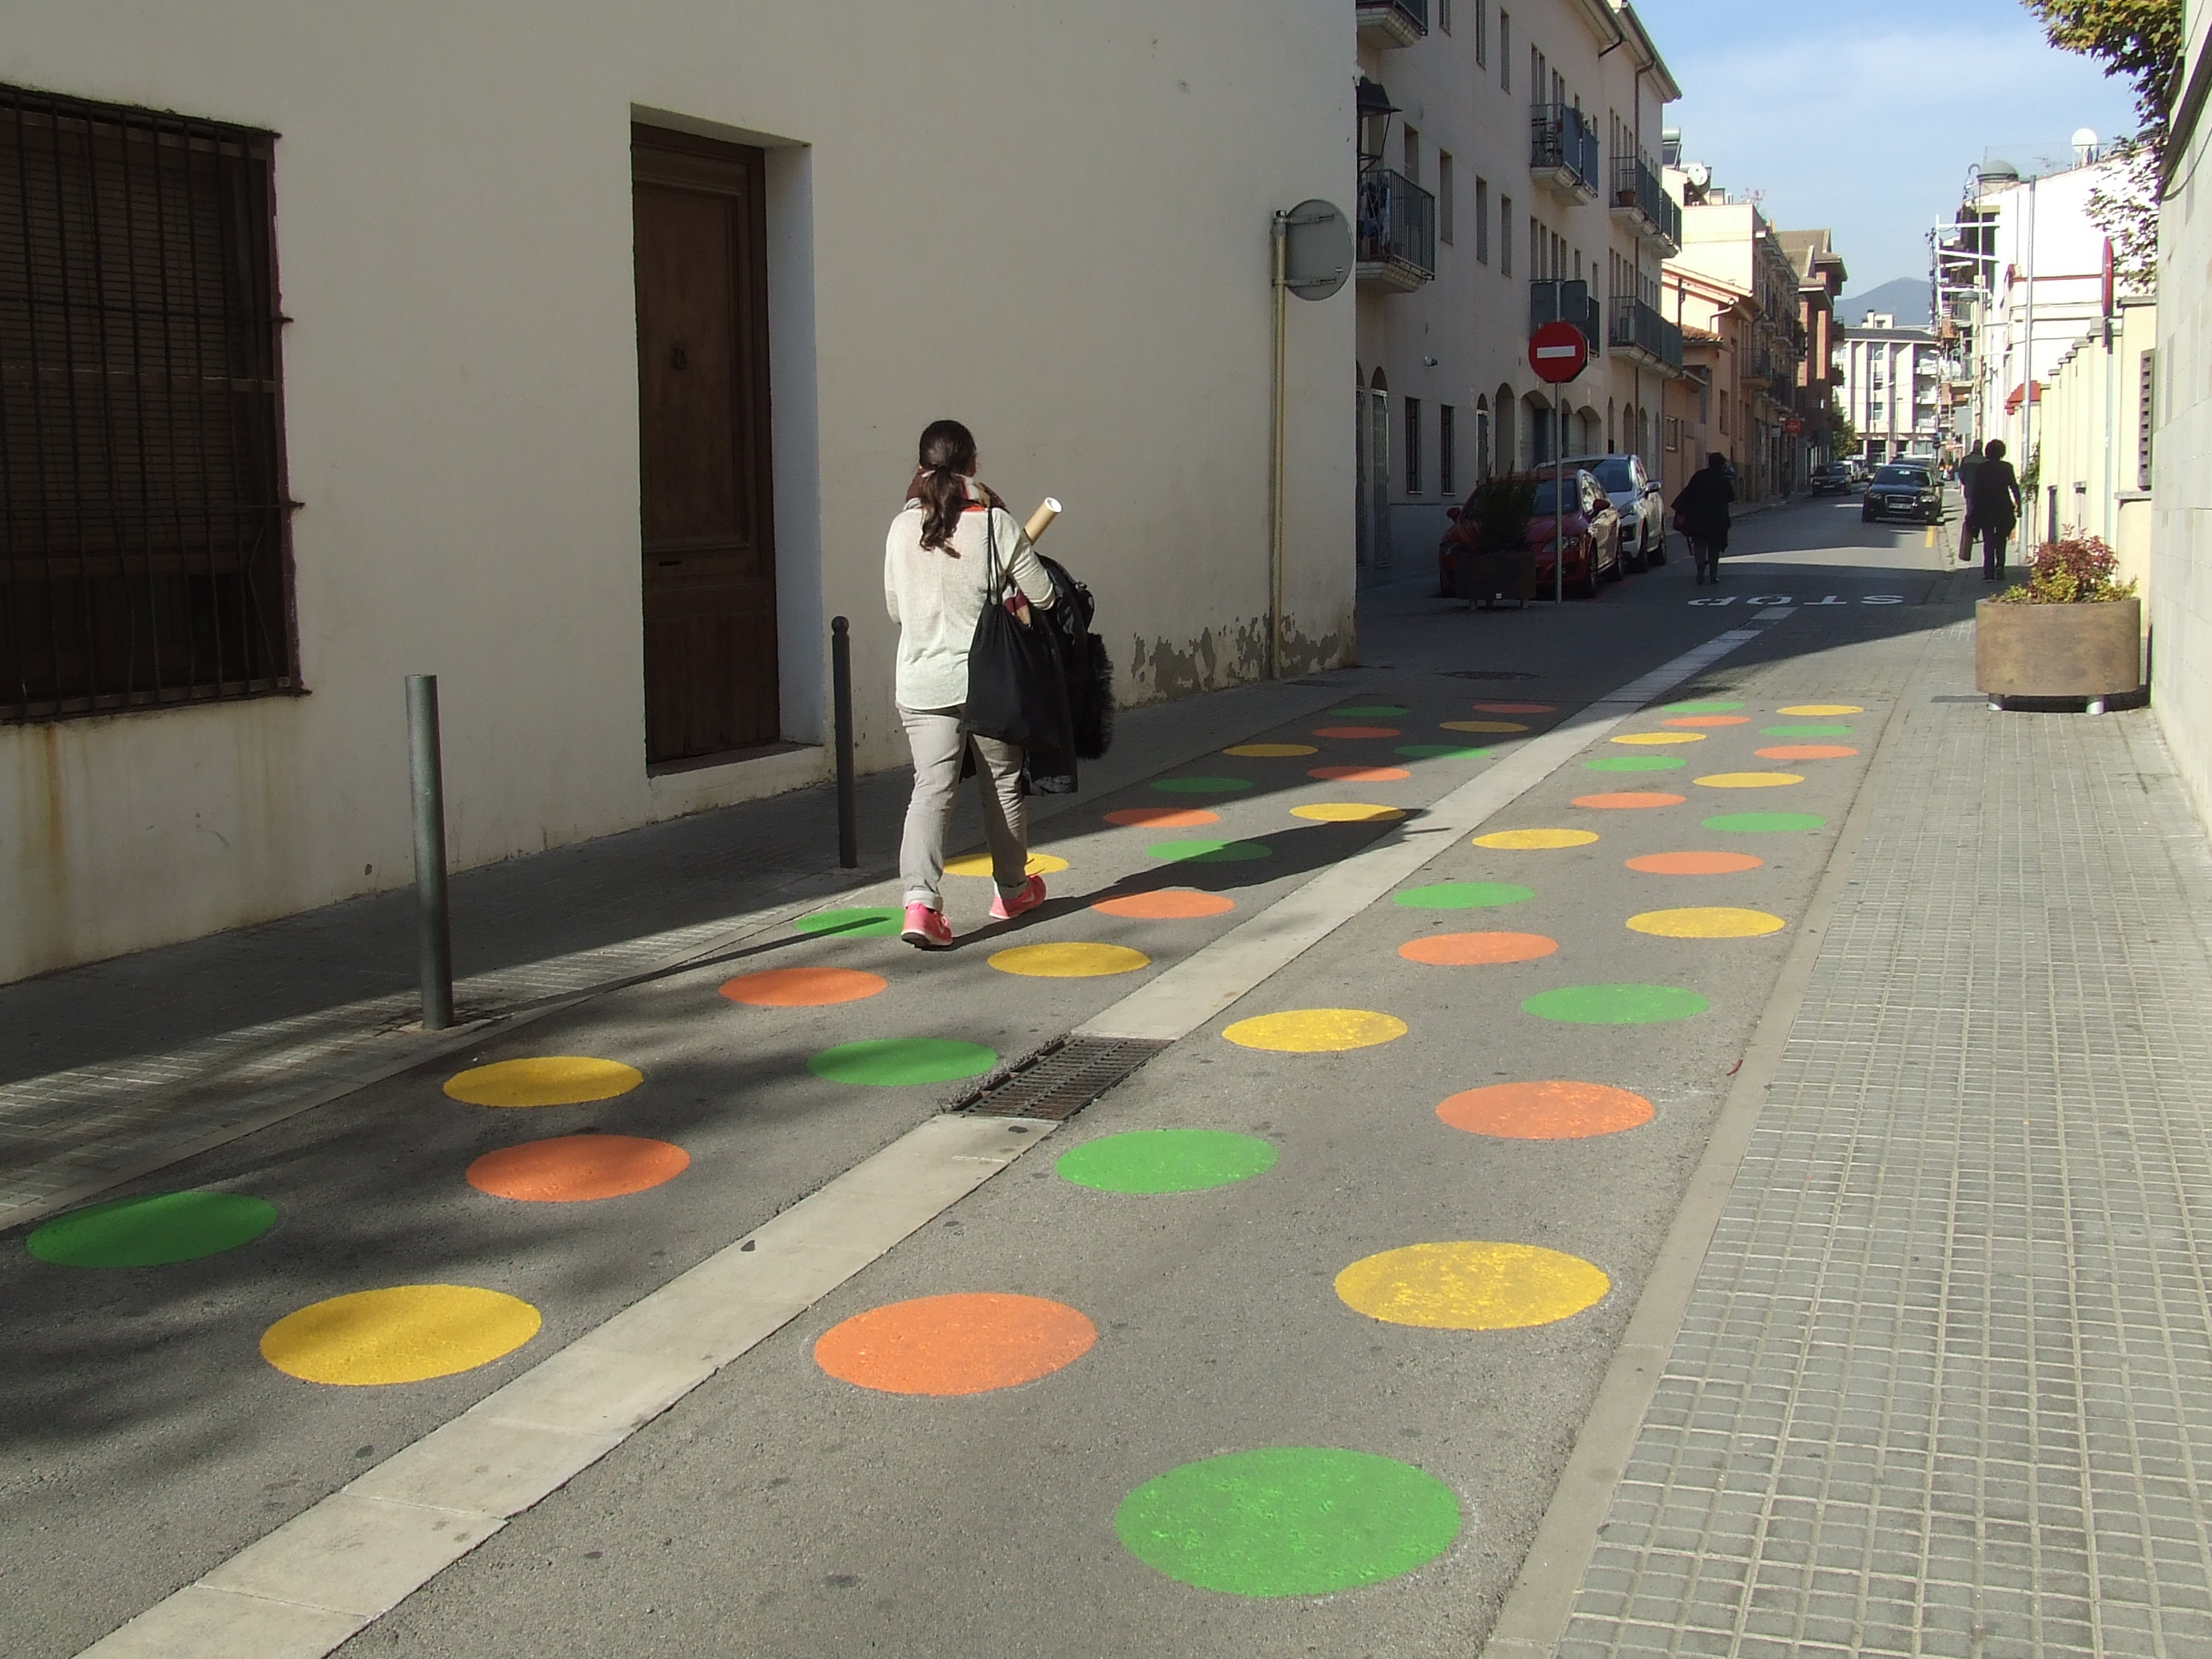 Entre el carrer Hospital i l'avinguda Rei en Jaume s'han pìntat figures de color